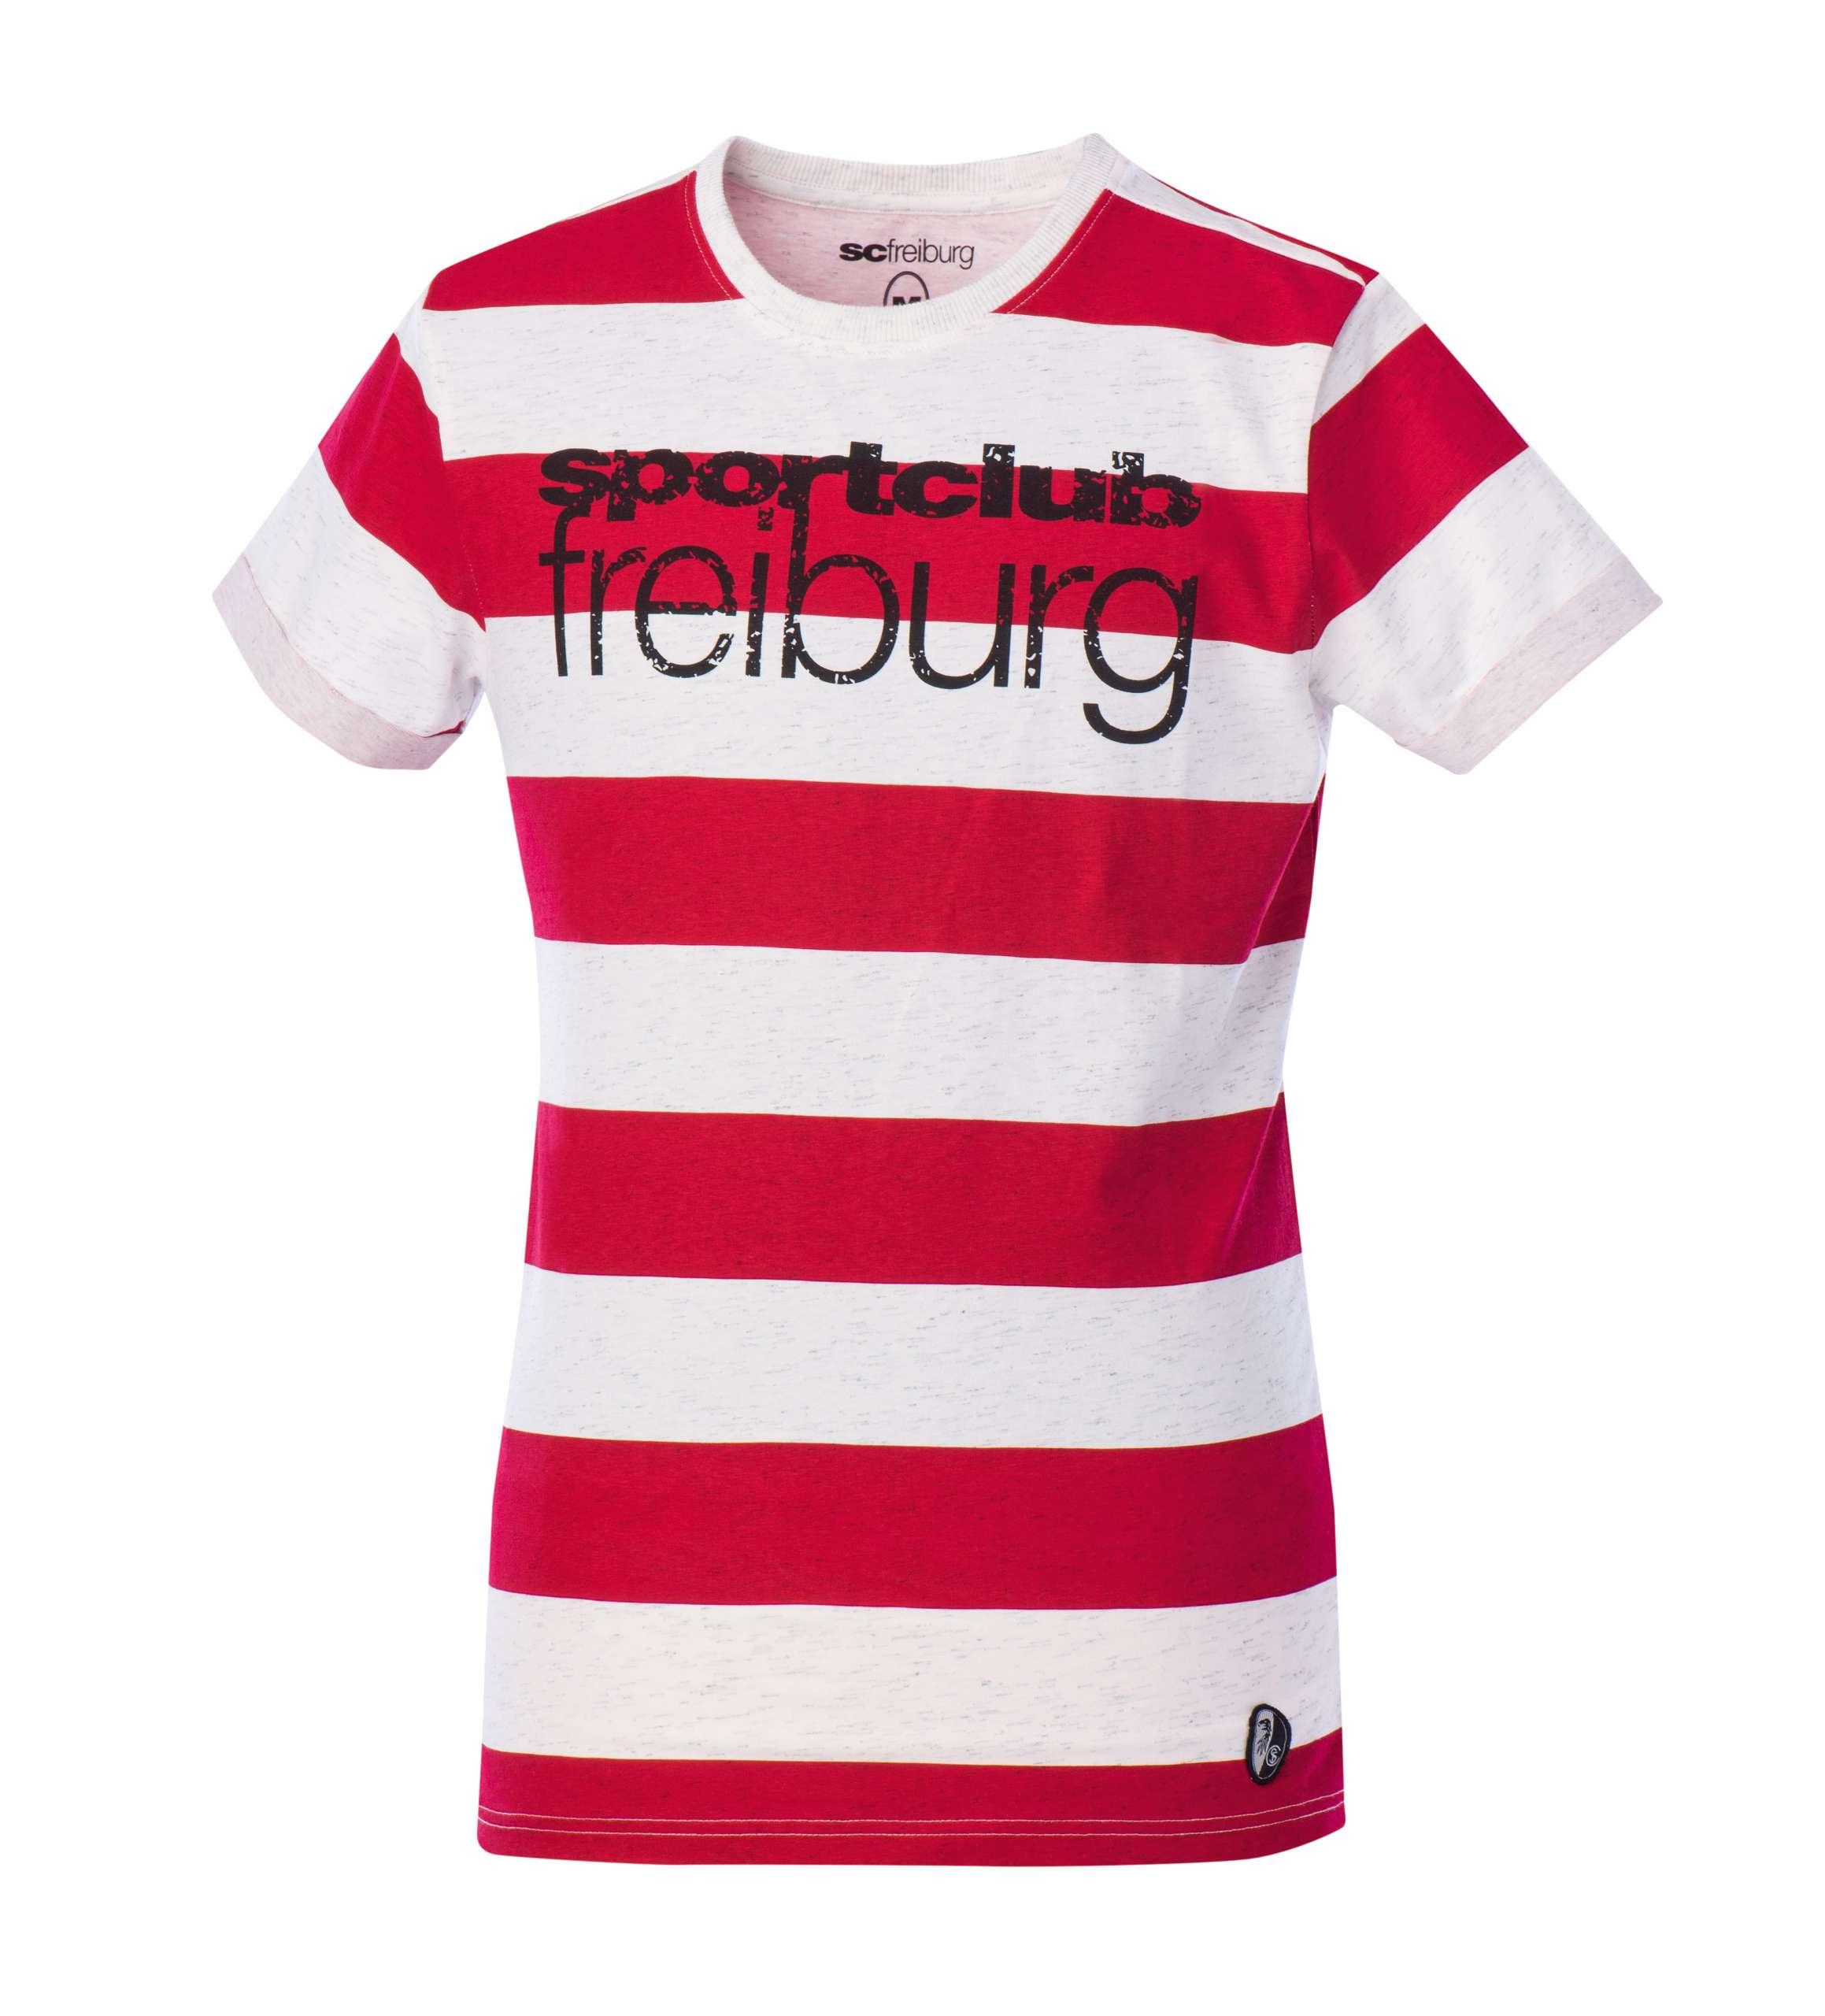 c513e0b8bd1095 Hummel Fussball SC Freiburg Baumwolle T-Shirt 2016 2017 Herren schwarz mit  Logo